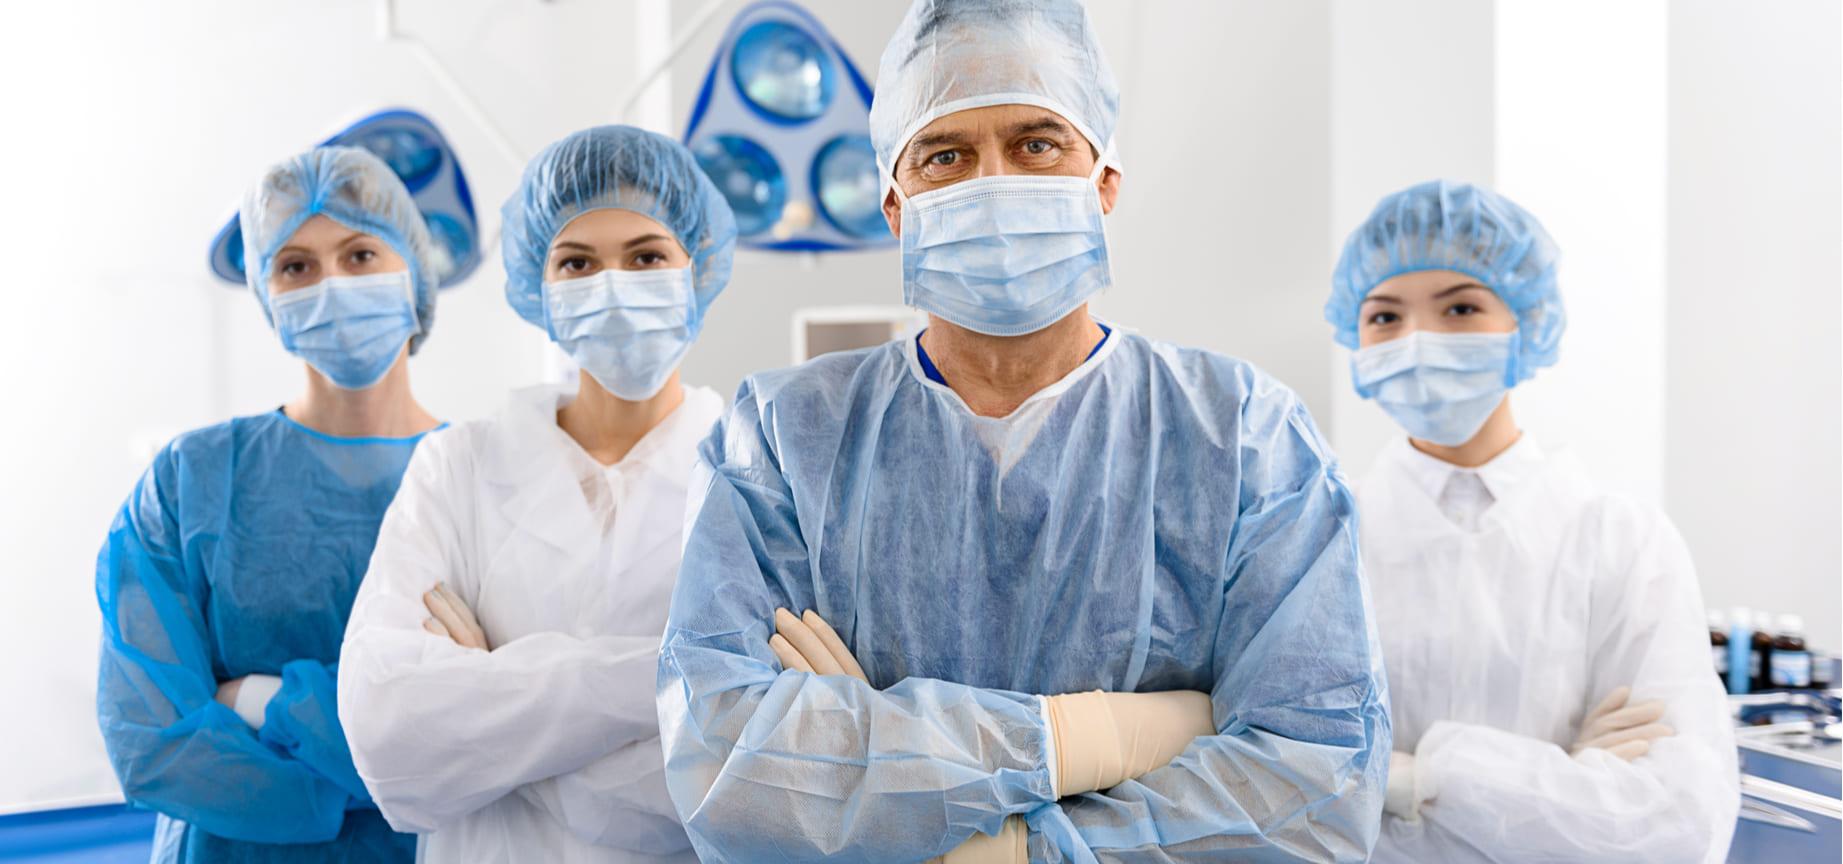 Puerto Rico crea la primera fístula endovascular para diálisis en Latinoamérica